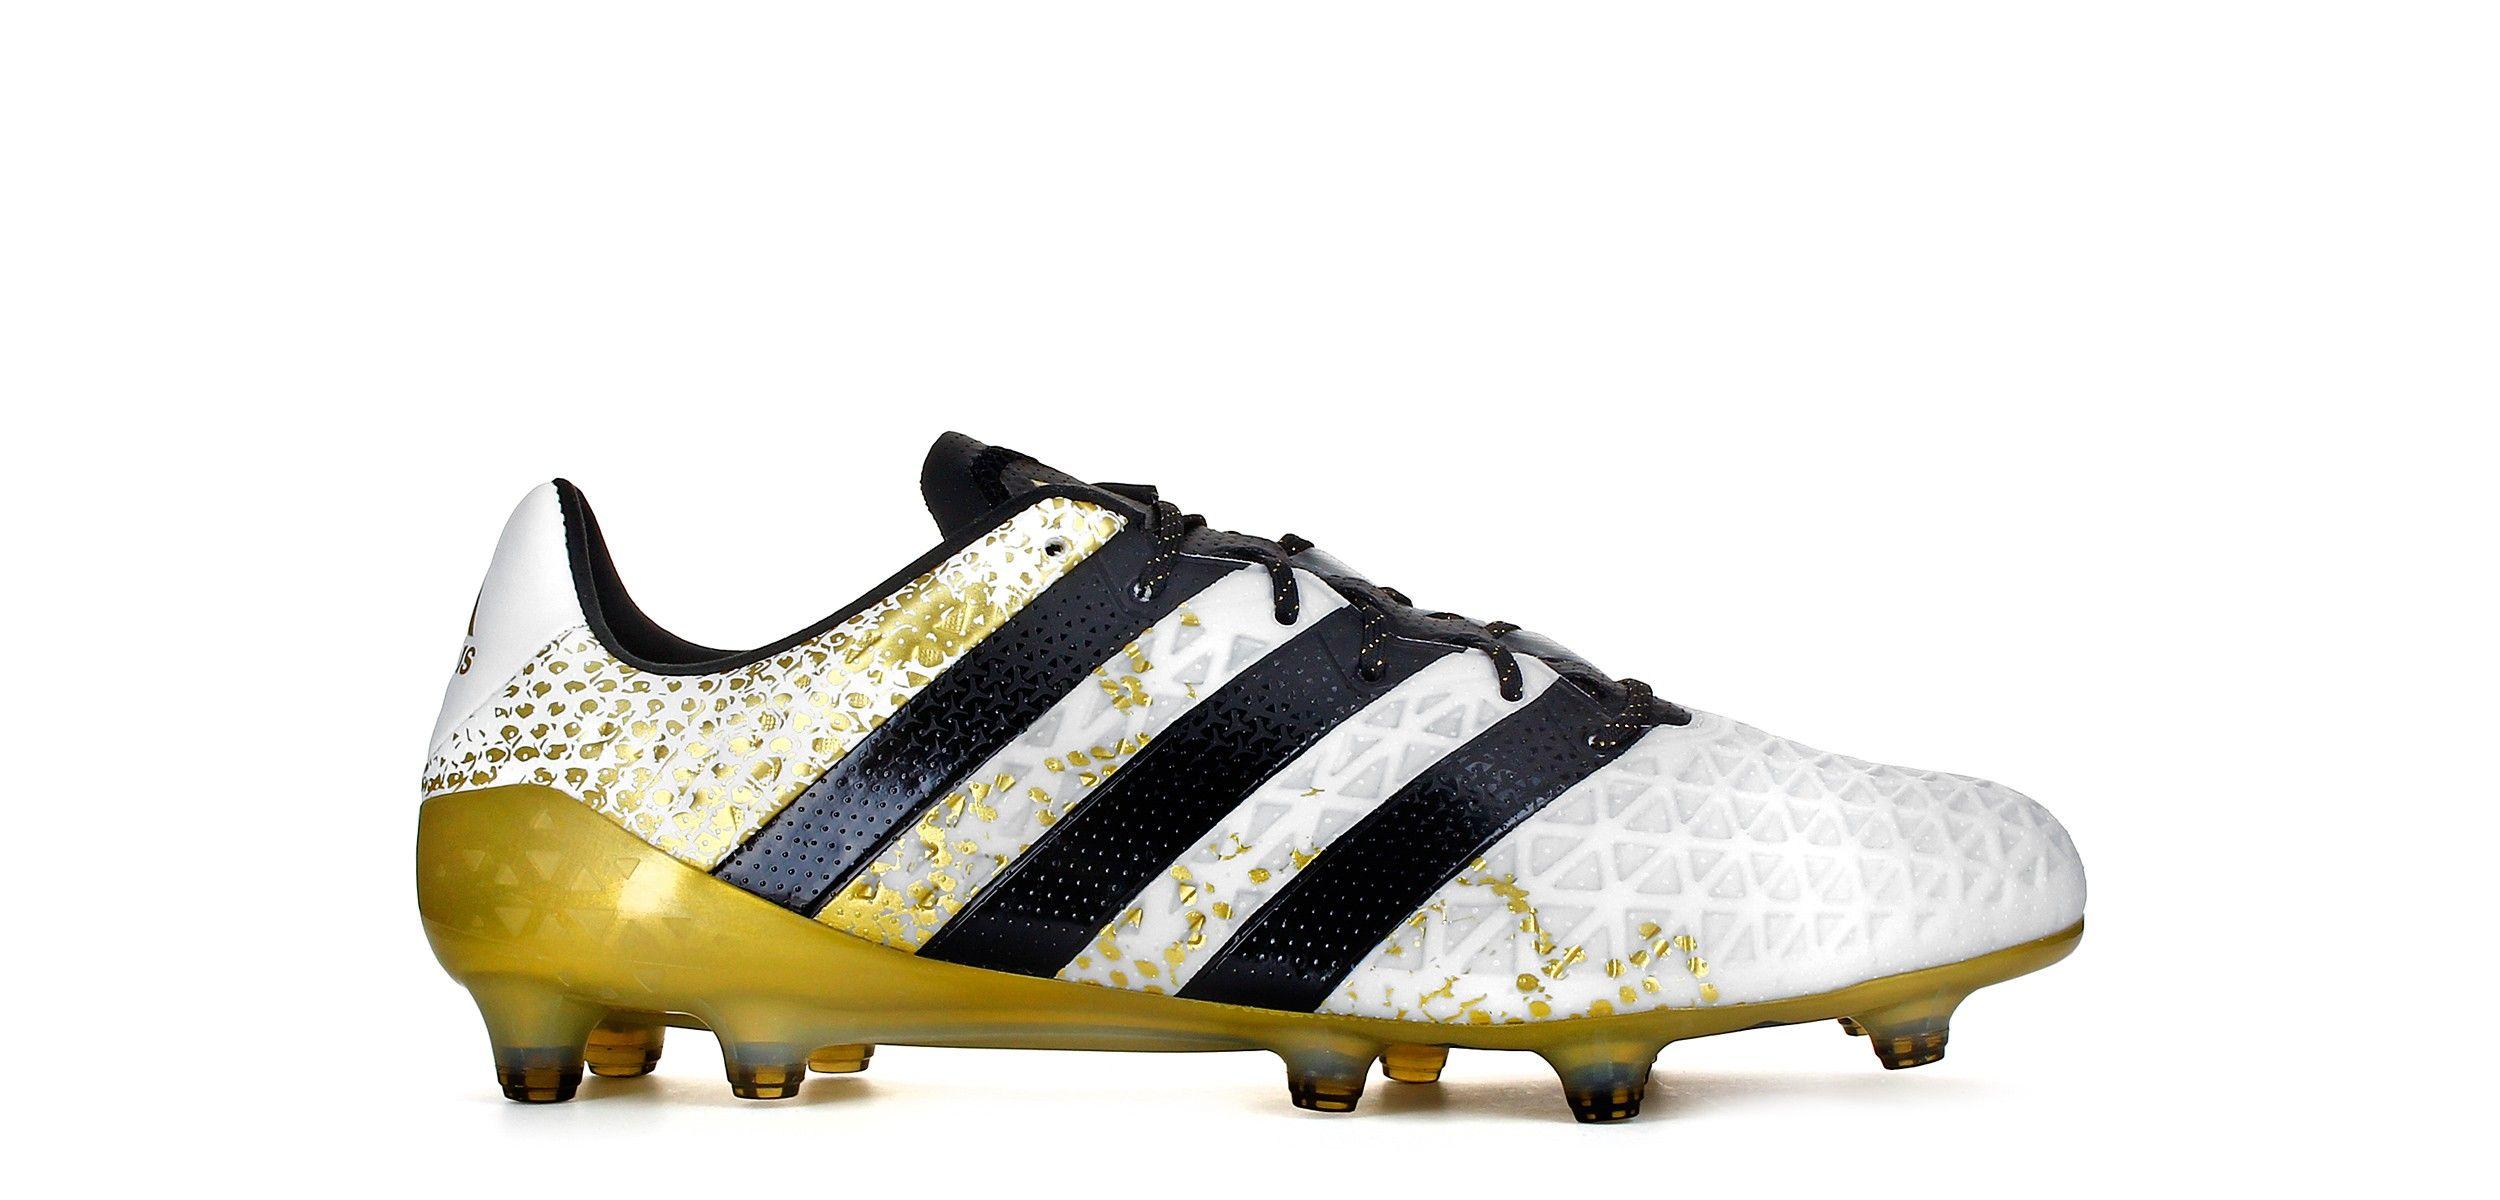 zapatillas futbol adidas doradas